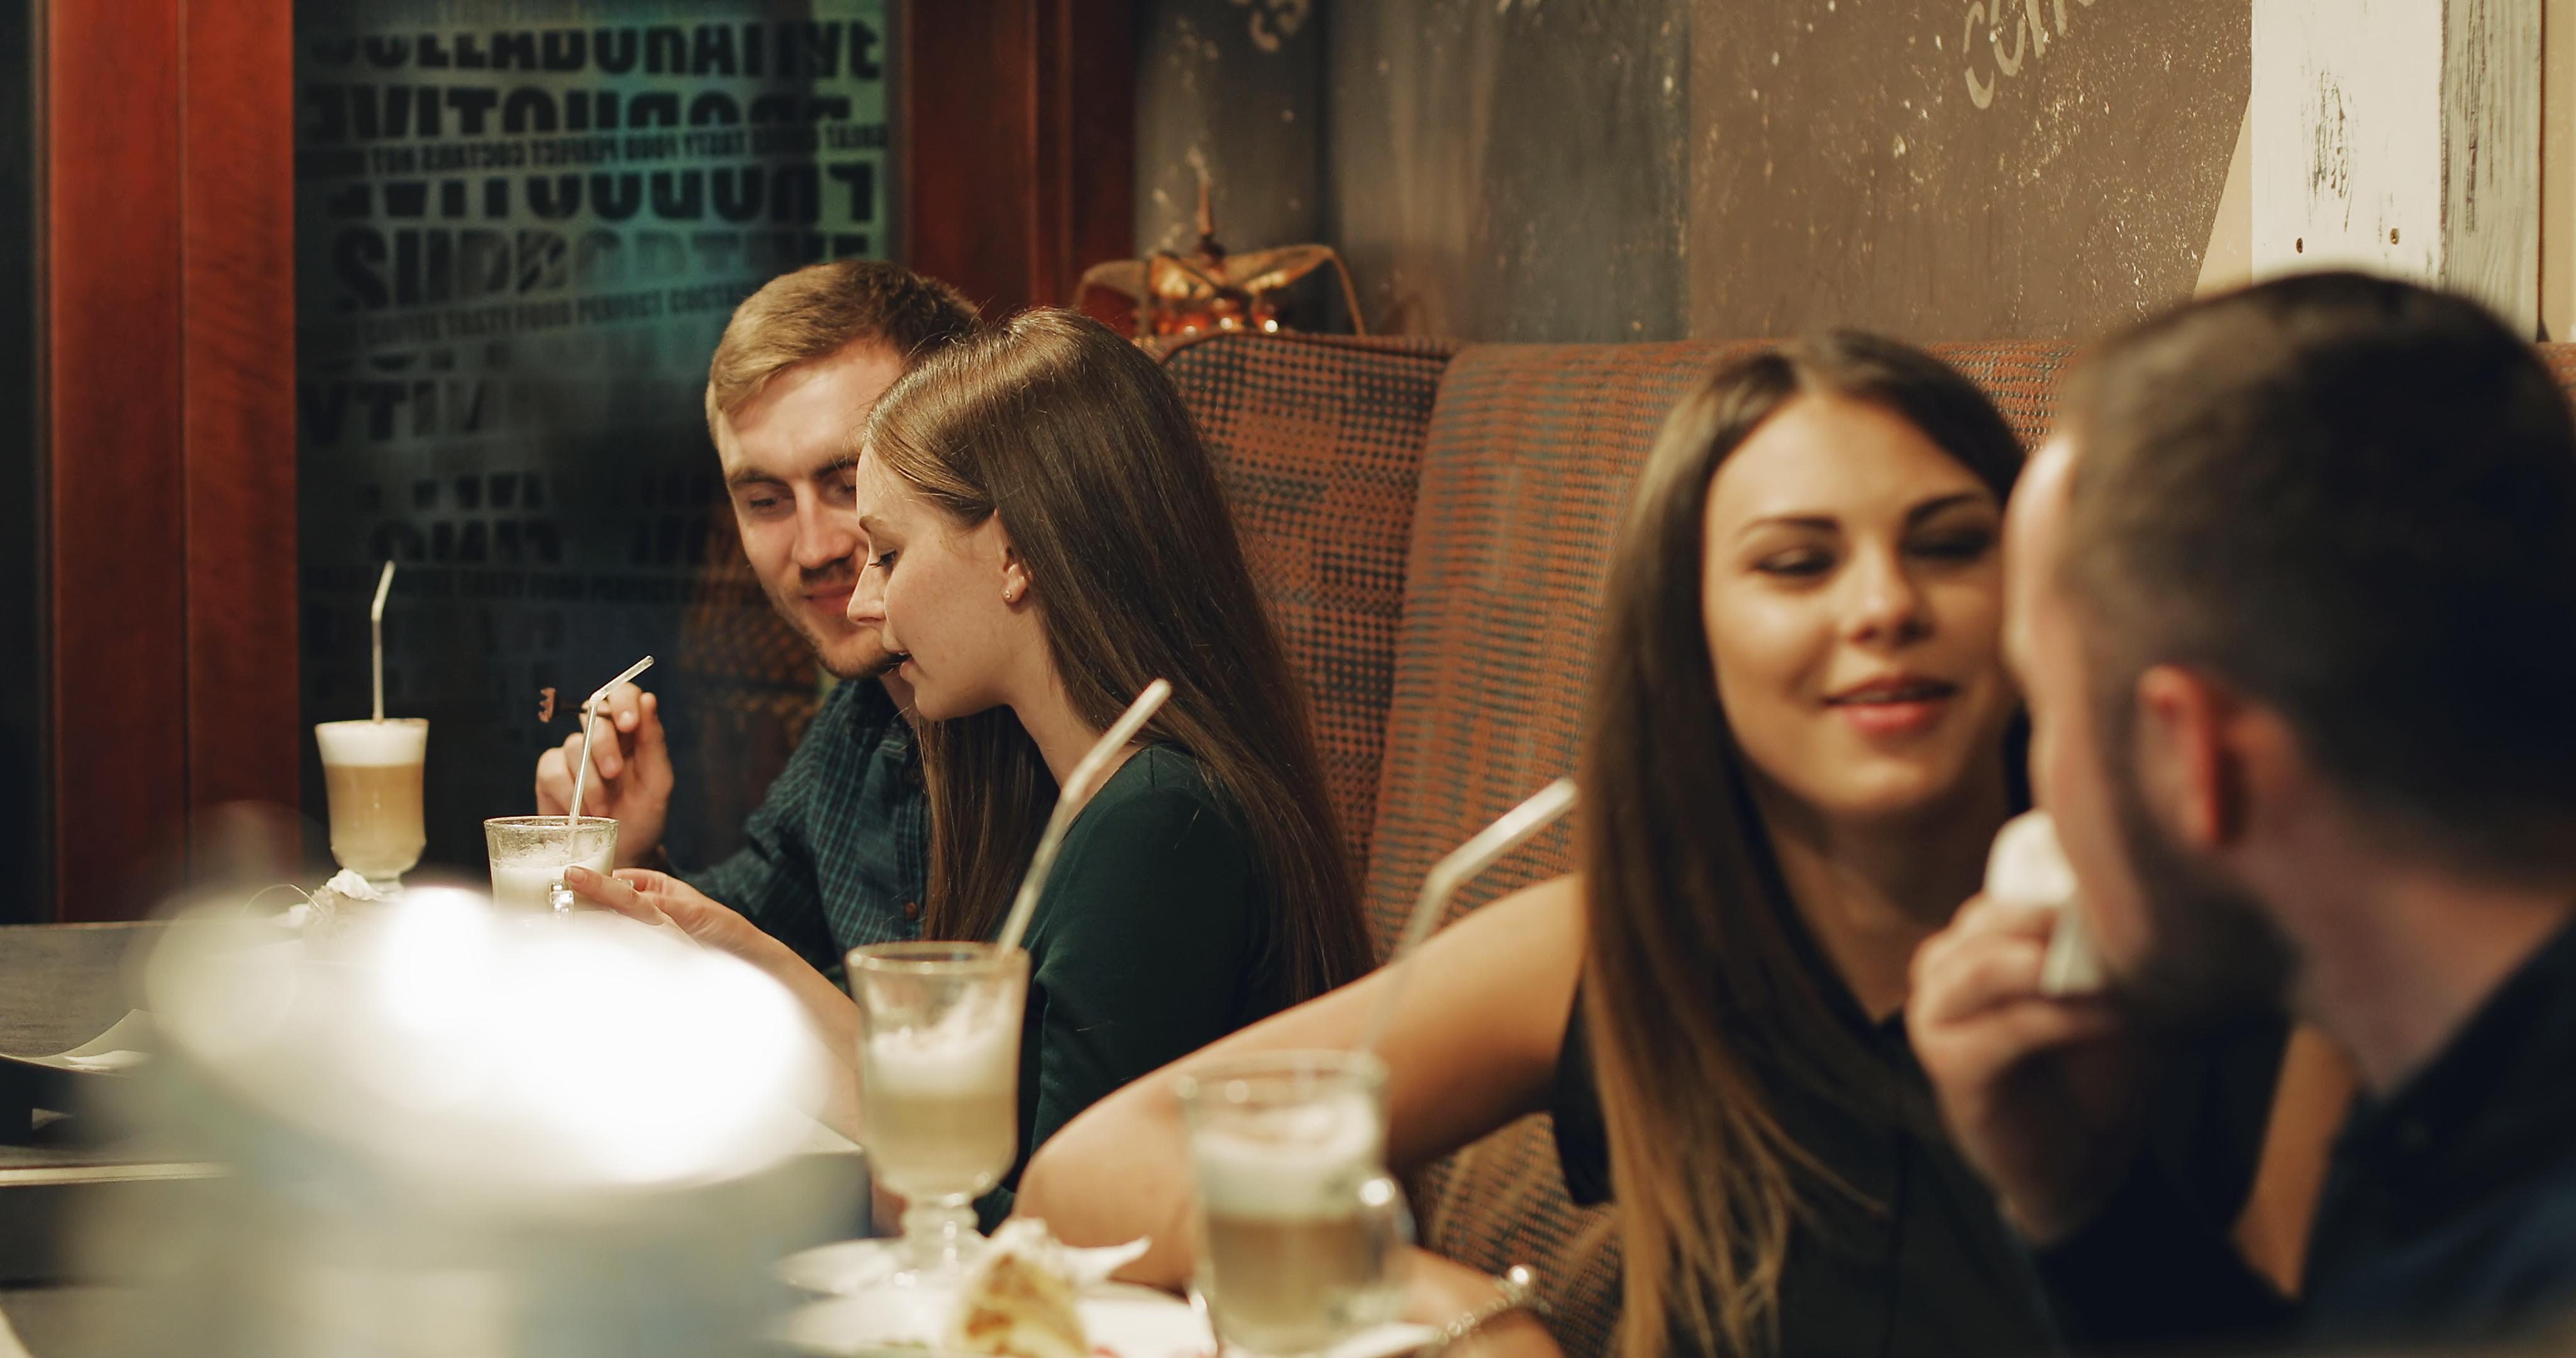 Mann sucht Frau | Locanto Casual Dating Schweiz